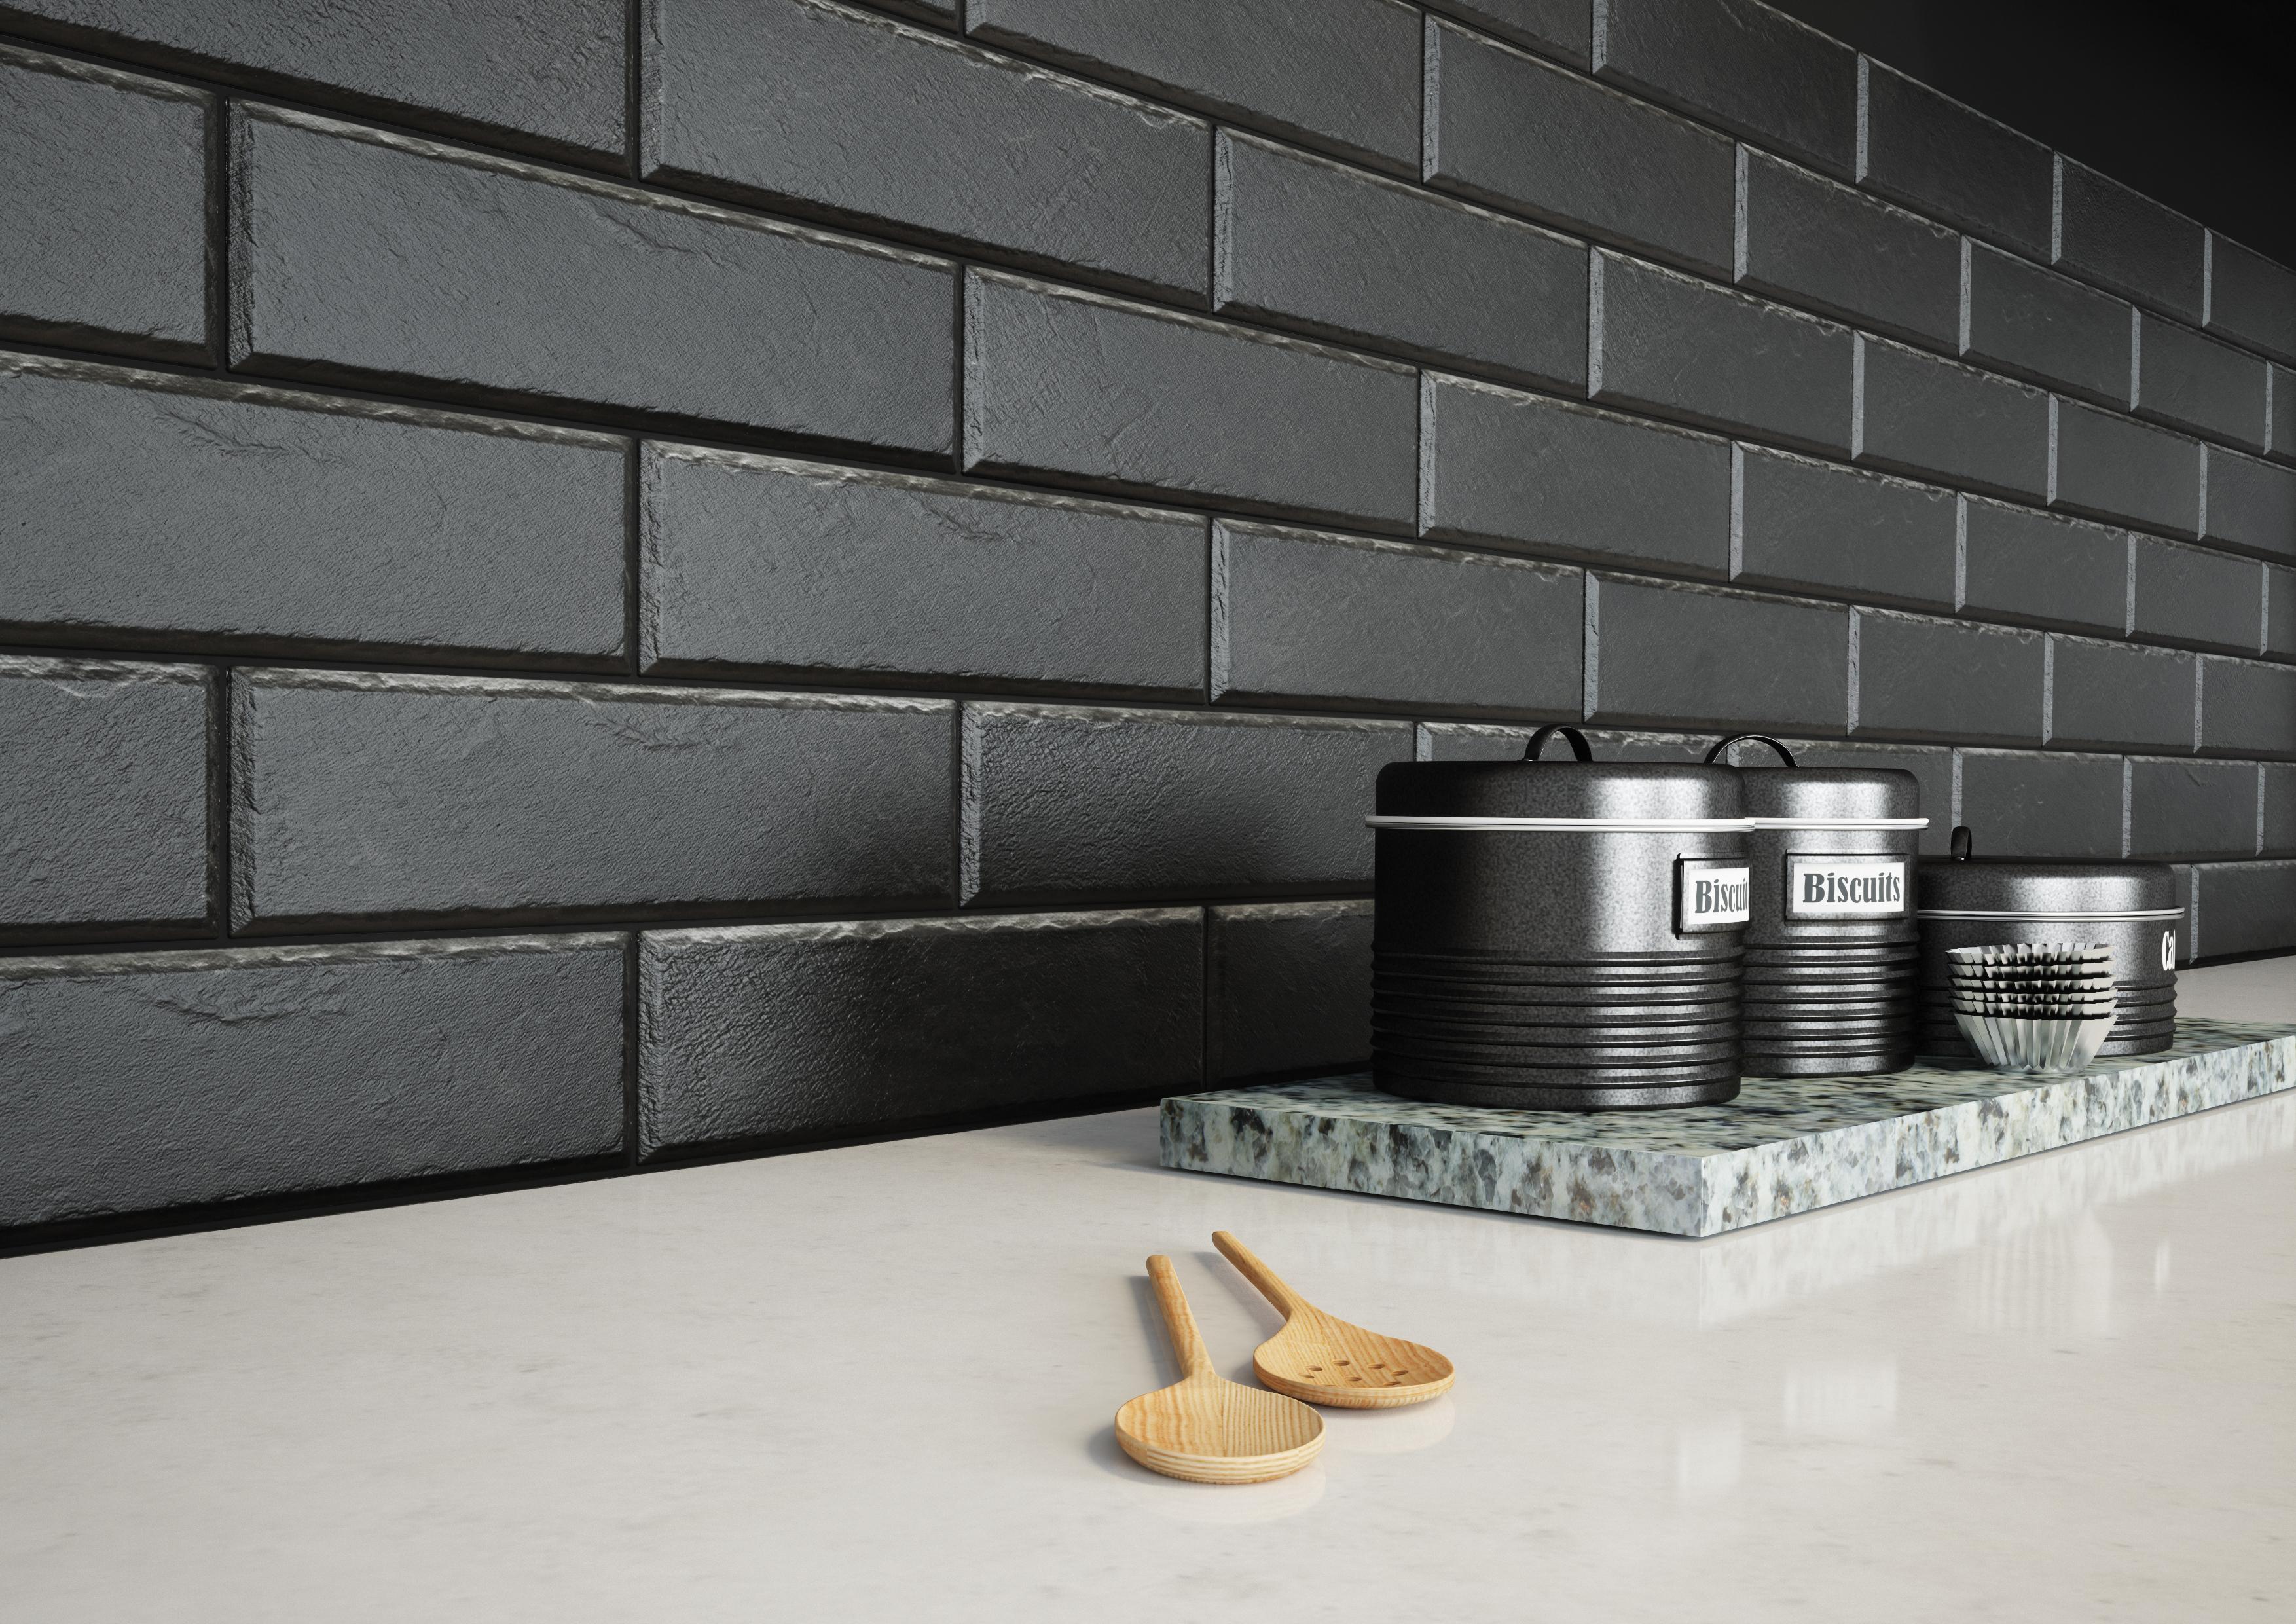 плитка фасадная польская фабрика Cerrad коллекция Foggia nero